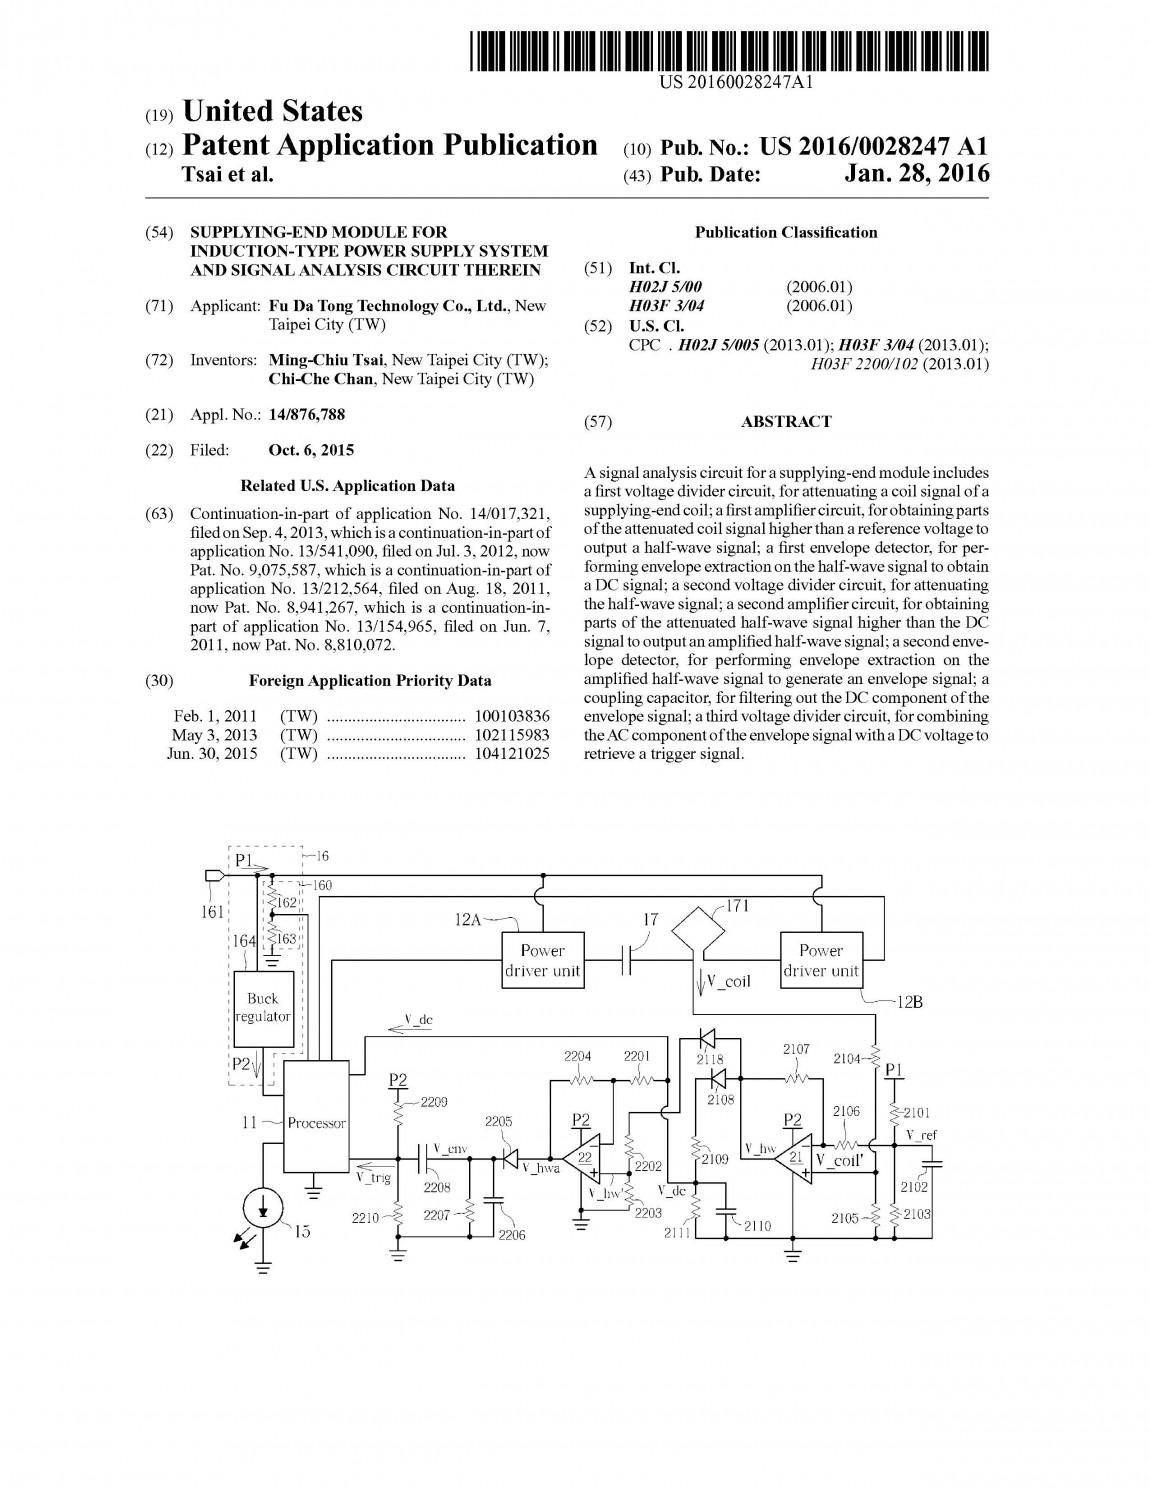 富達通專利20- Supplying-end module in induction-type power supply system and signal analysis circuit therein (美國) pat20160028247